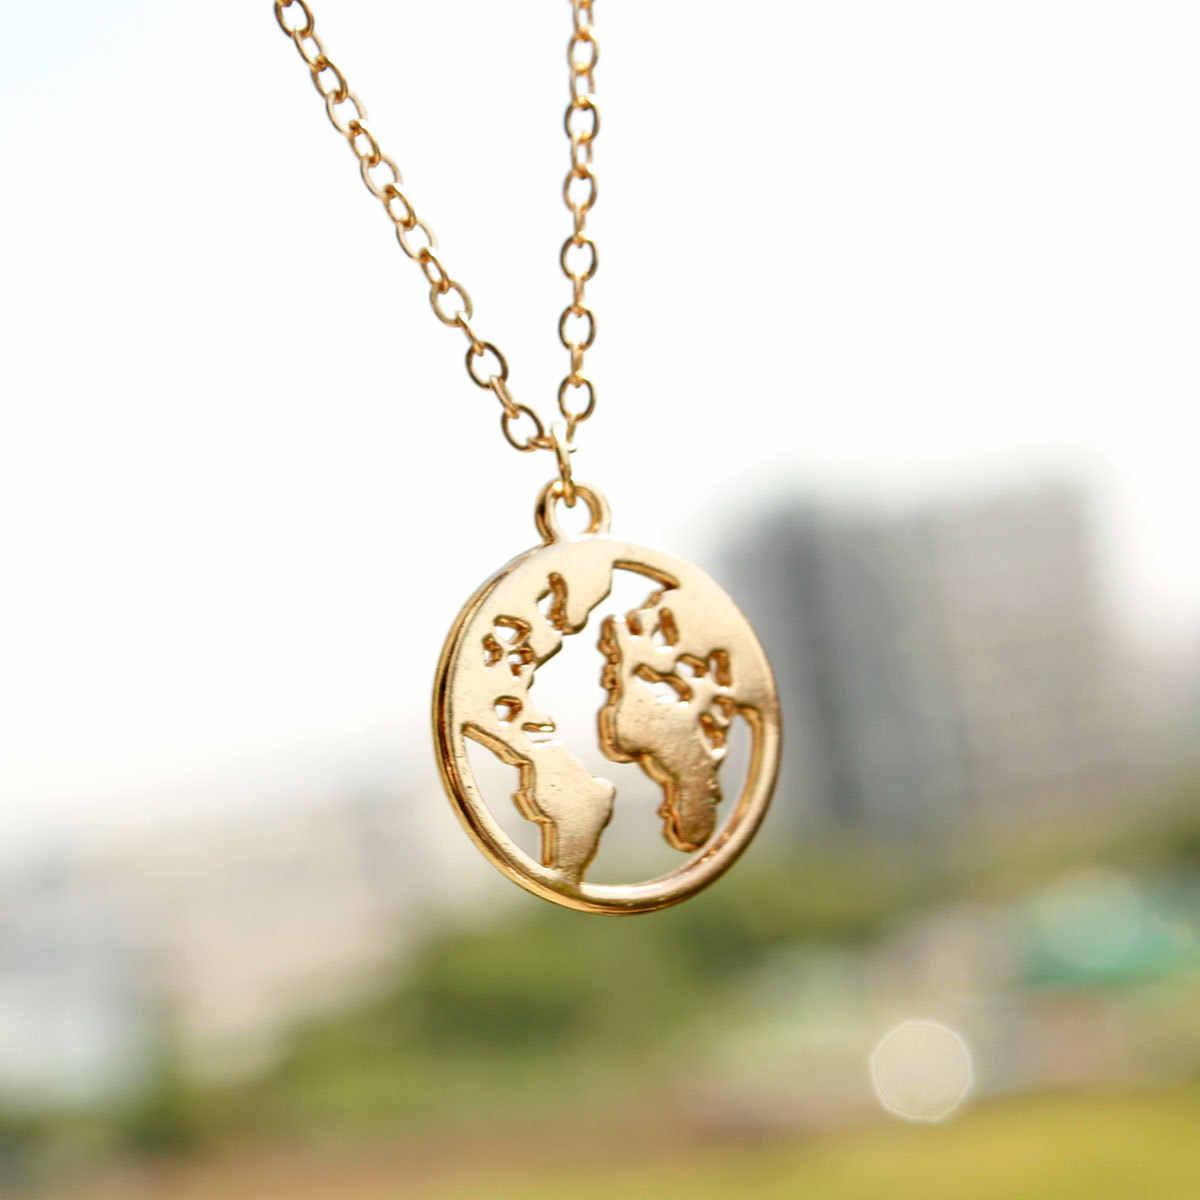 Модная круглая подвеска с картой мира, длинная цепочка, ожерелье для женщин, креативное колье, ожерелье